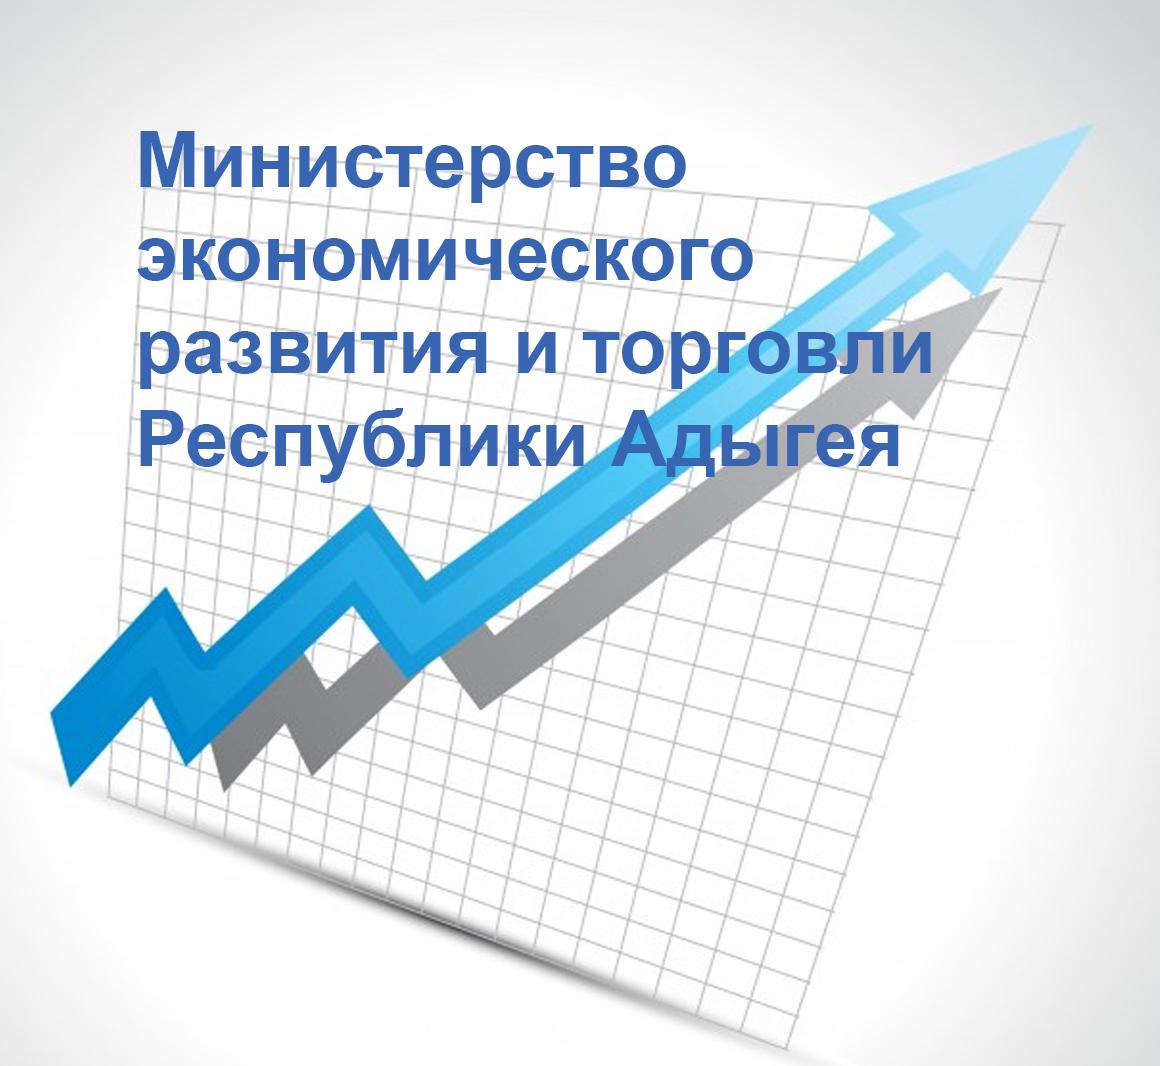 Министерство экономического развития и торговли Республики Адыгея